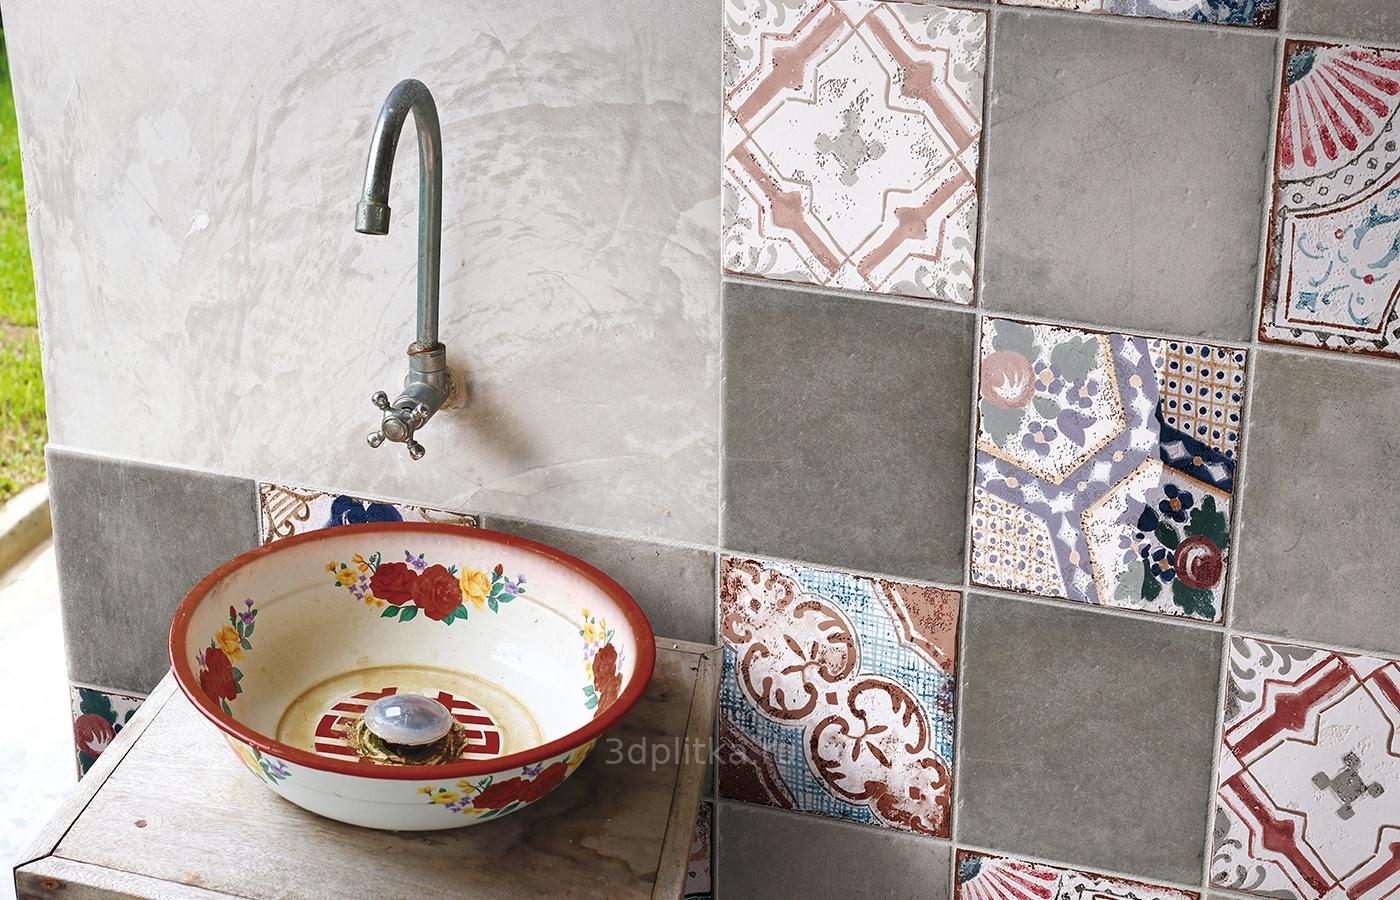 Mardi gras ceramic tile